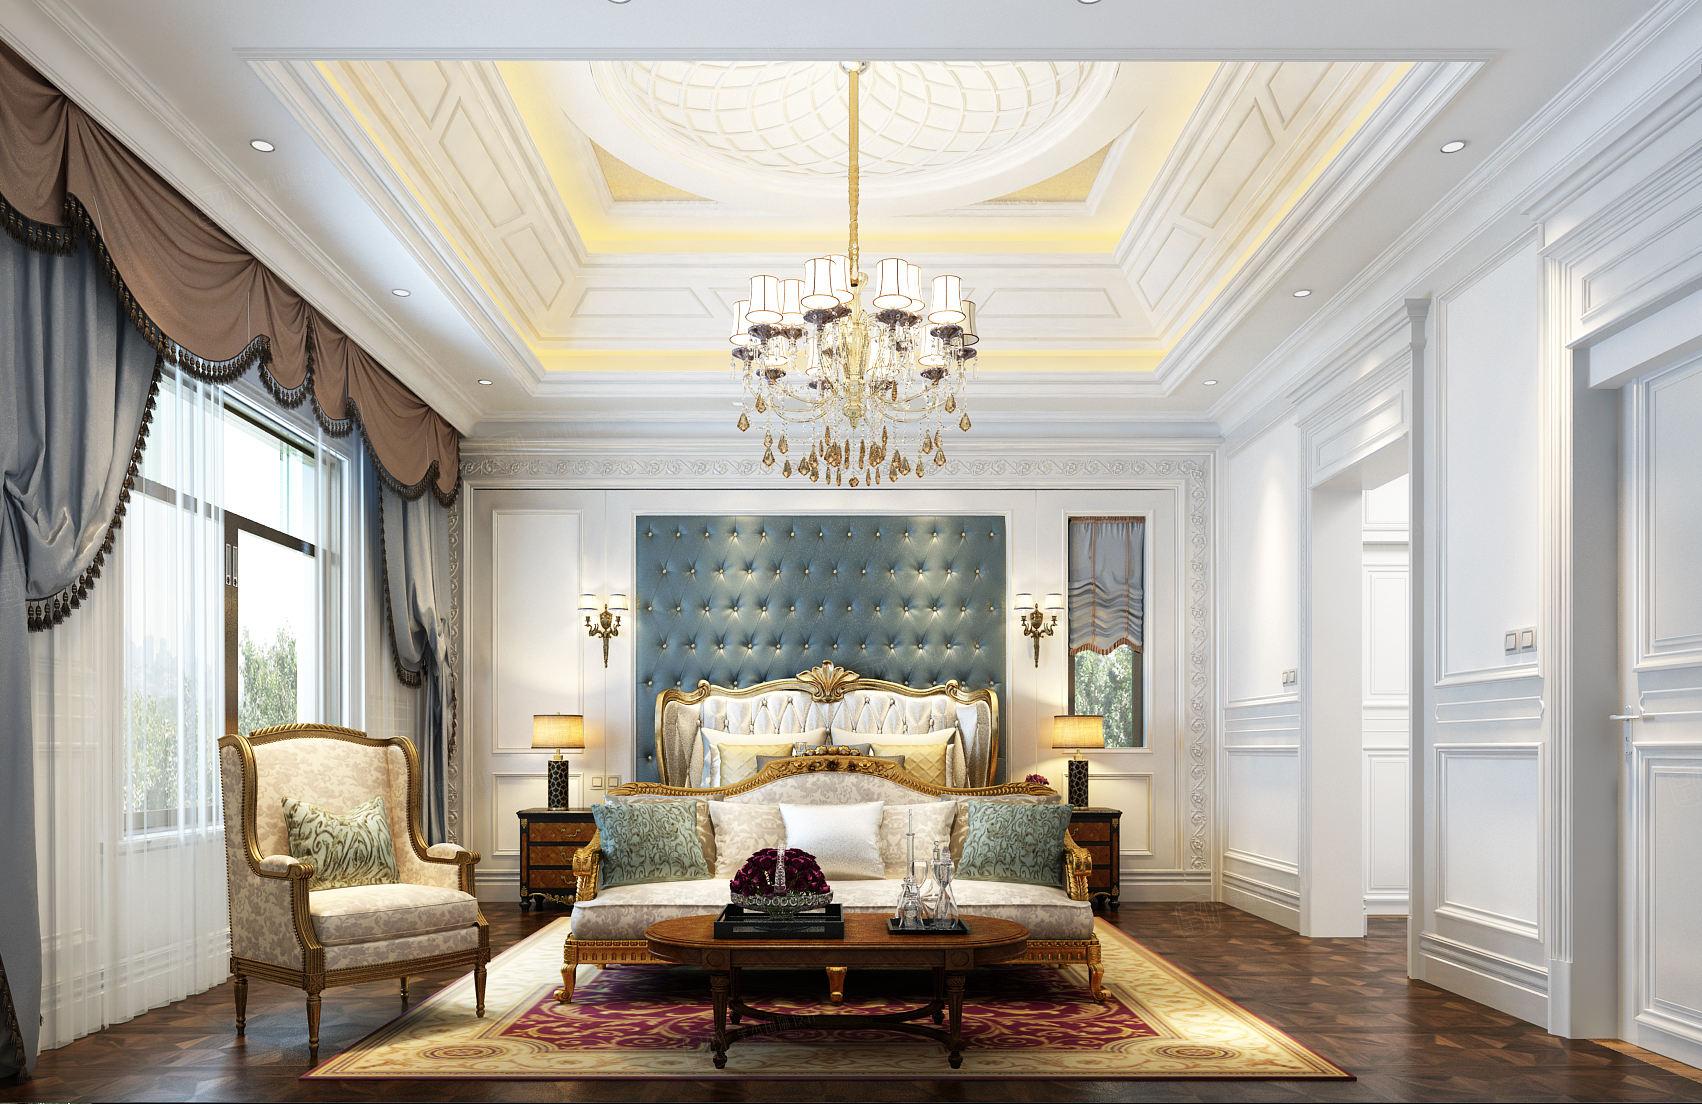 法式风格-依水和墅装修卧室效果图